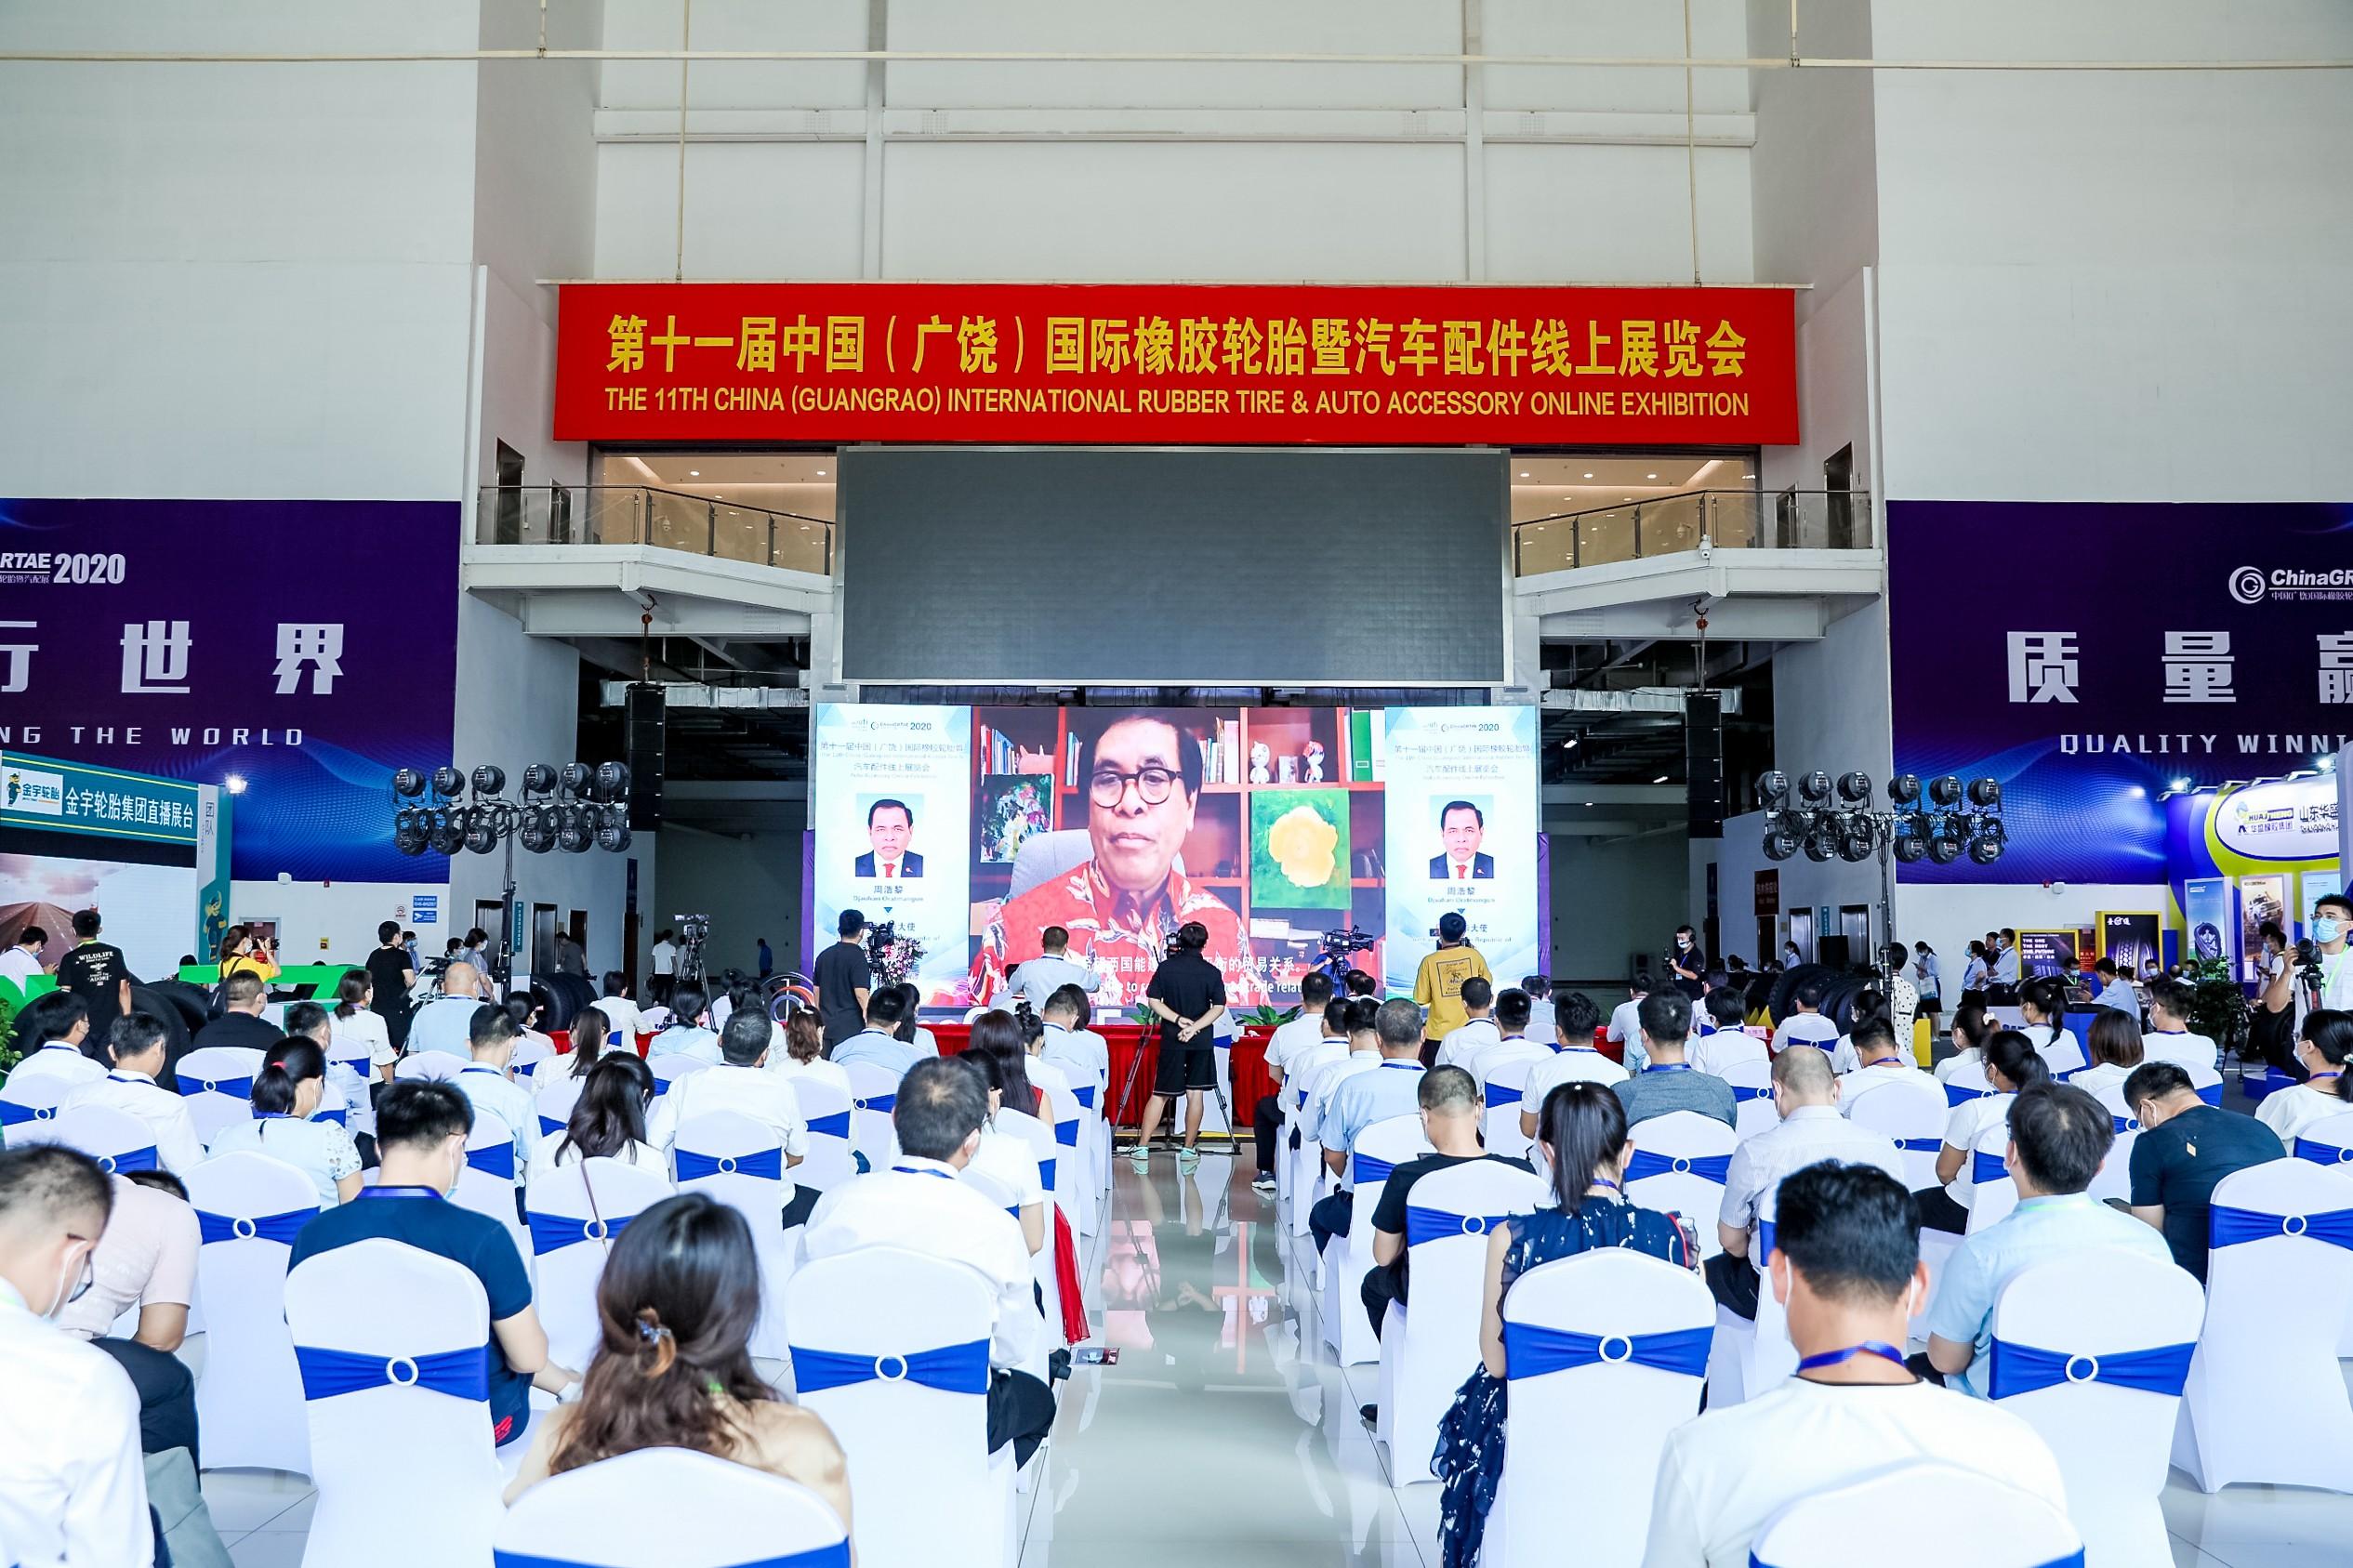 2021第十二届广饶国际轮胎会开幕在即!展会预告重磅来袭!